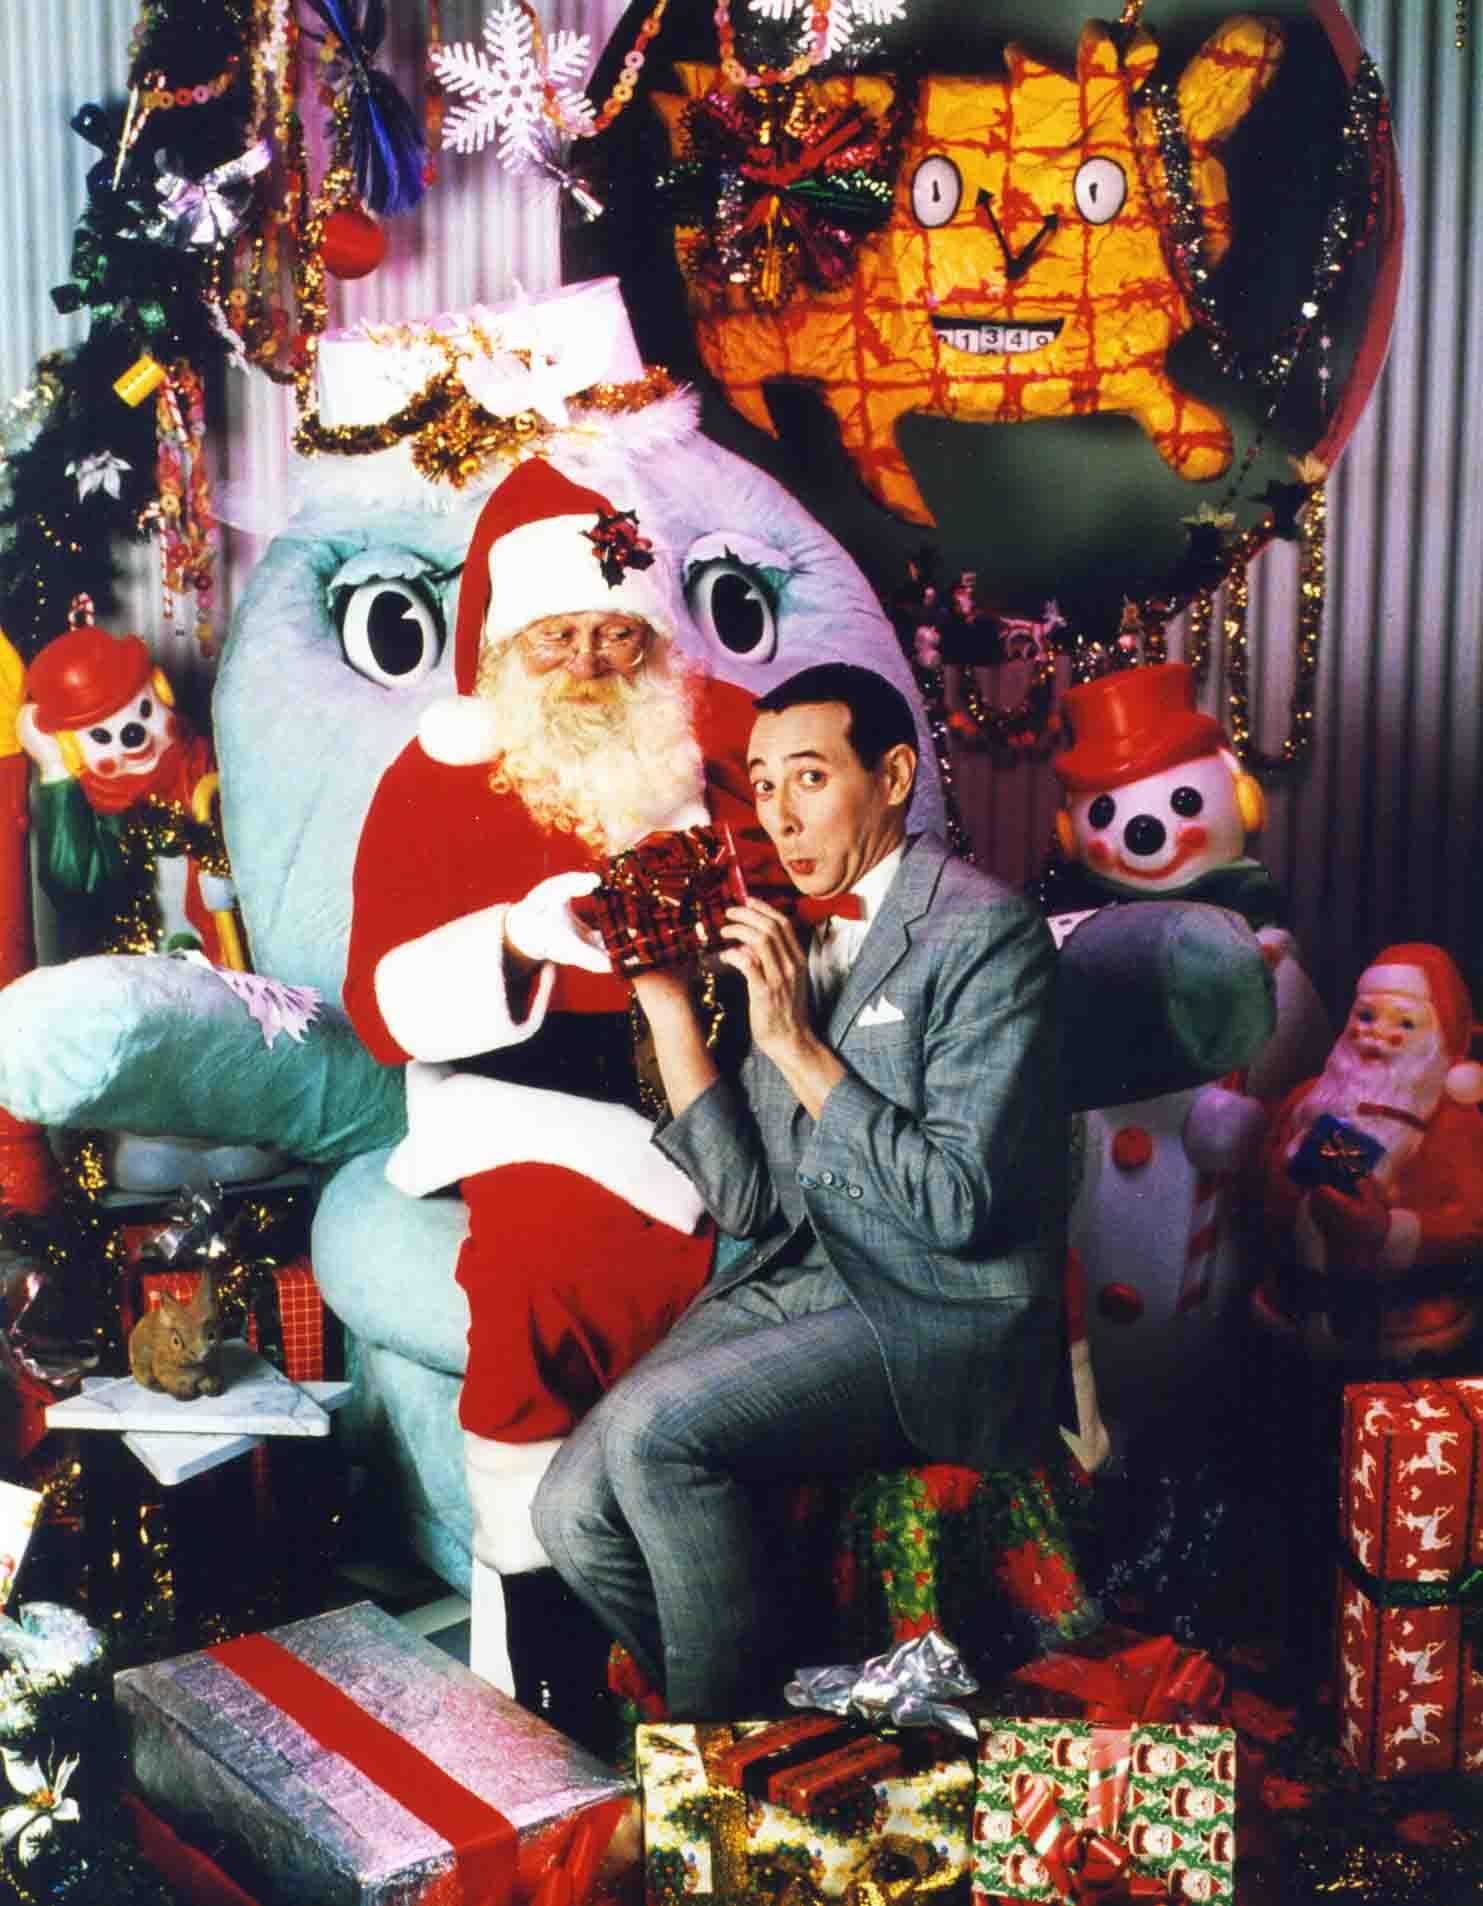 Pee-wee & Santa